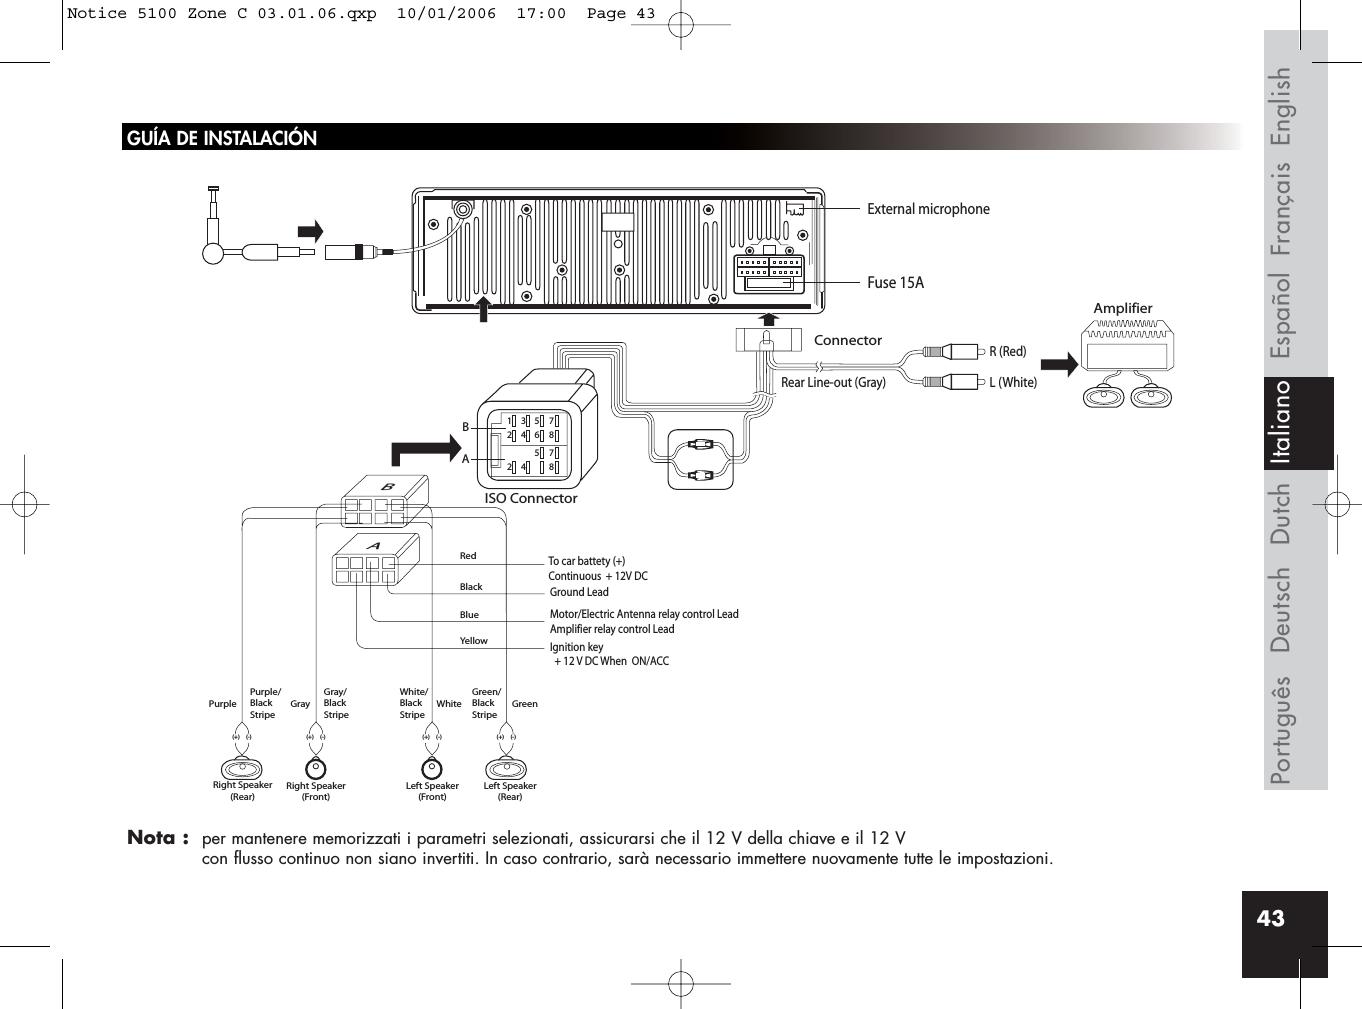 Parrot Ck5100 Car Radio Included Handfree Kit Phone User Manual Diagram Page 2 43gua De Instalacinnota Per Mantenere Memorizzati I Parametri Selezionati Assicurarsi Che Il 12 V